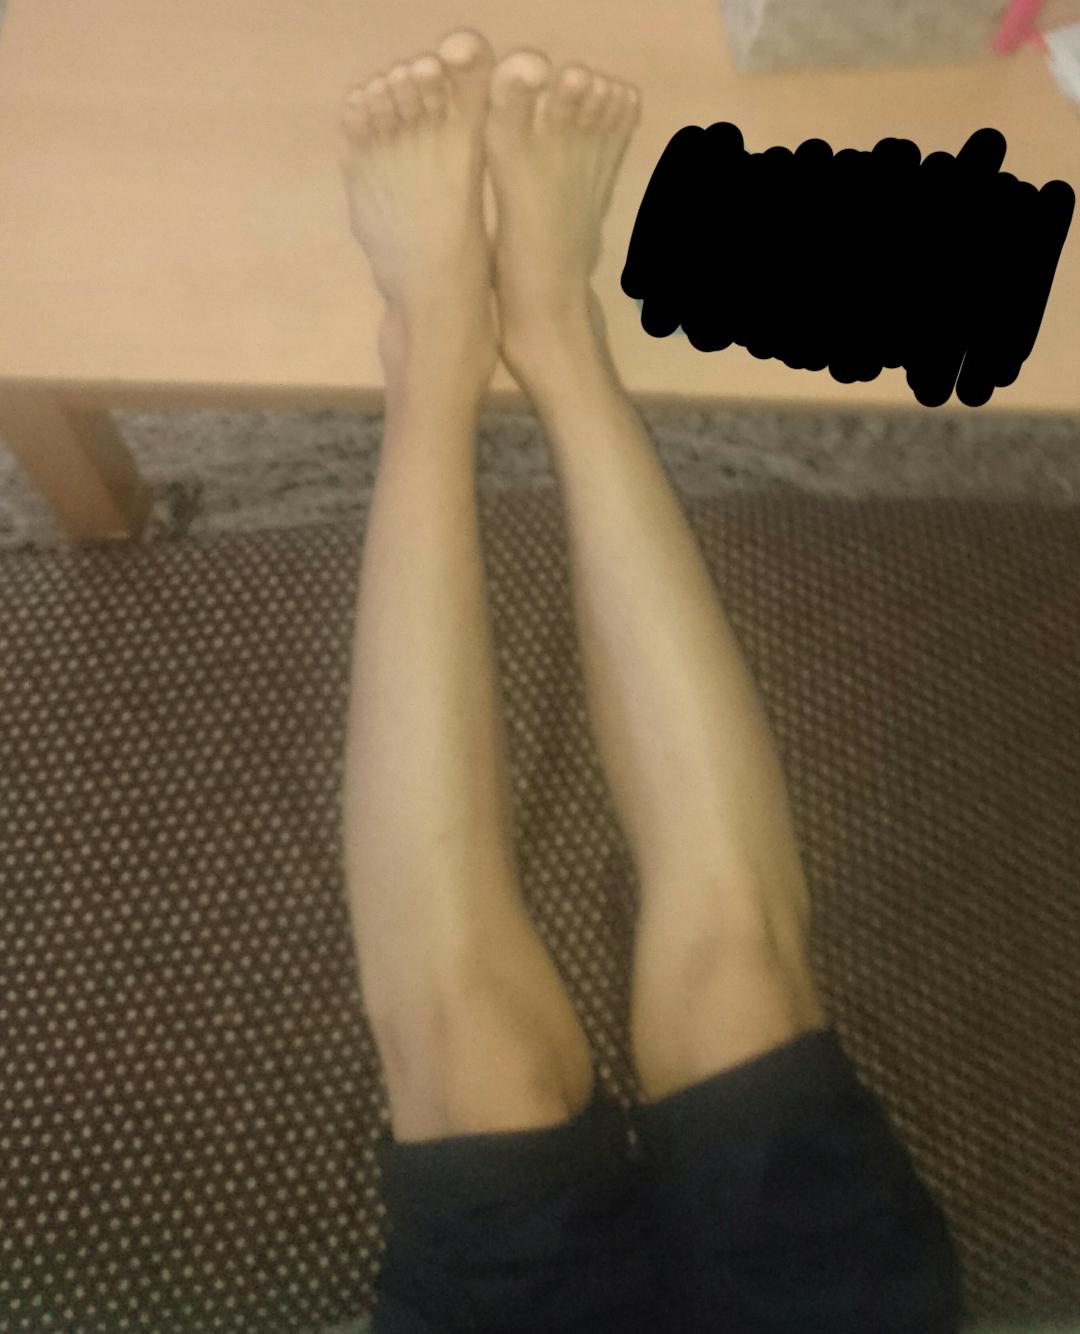 ゆうたろうのお風呂ショットに騒然「男子の足じゃない」